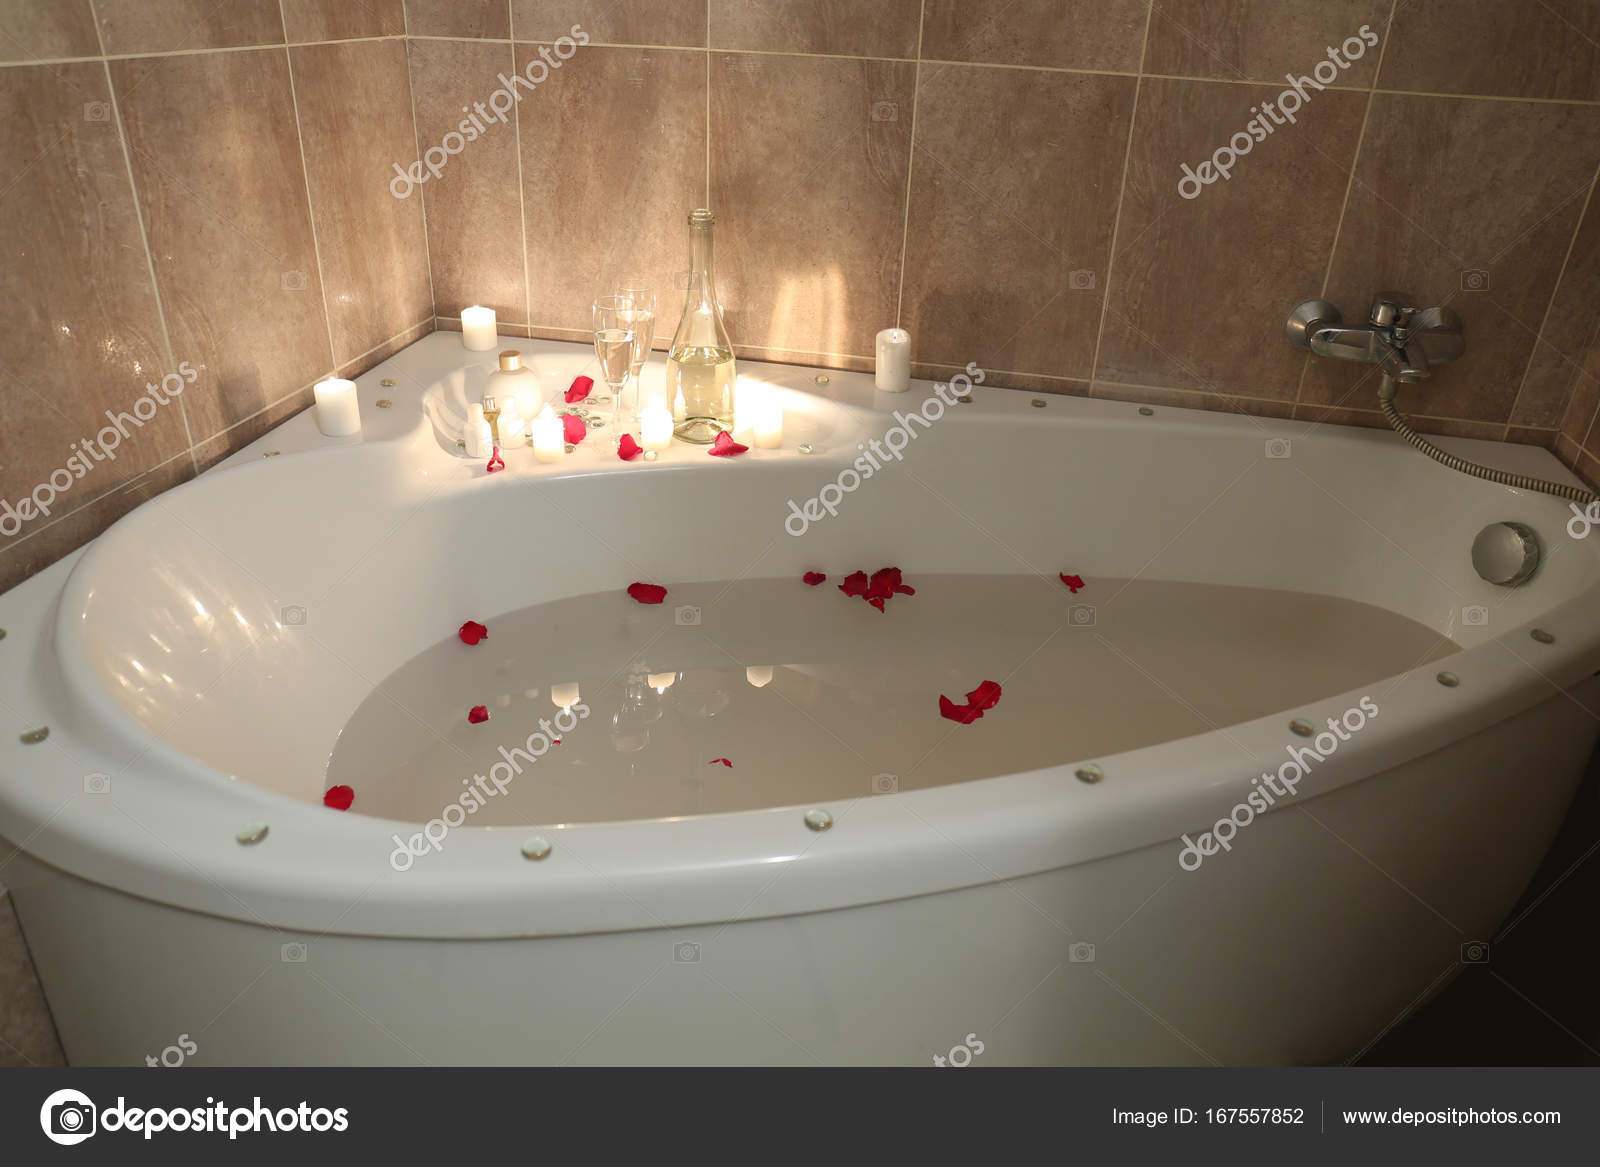 Vasca Da Bagno Romantica : Vasca da bagno piena d acqua e petali di rosa preparati per un